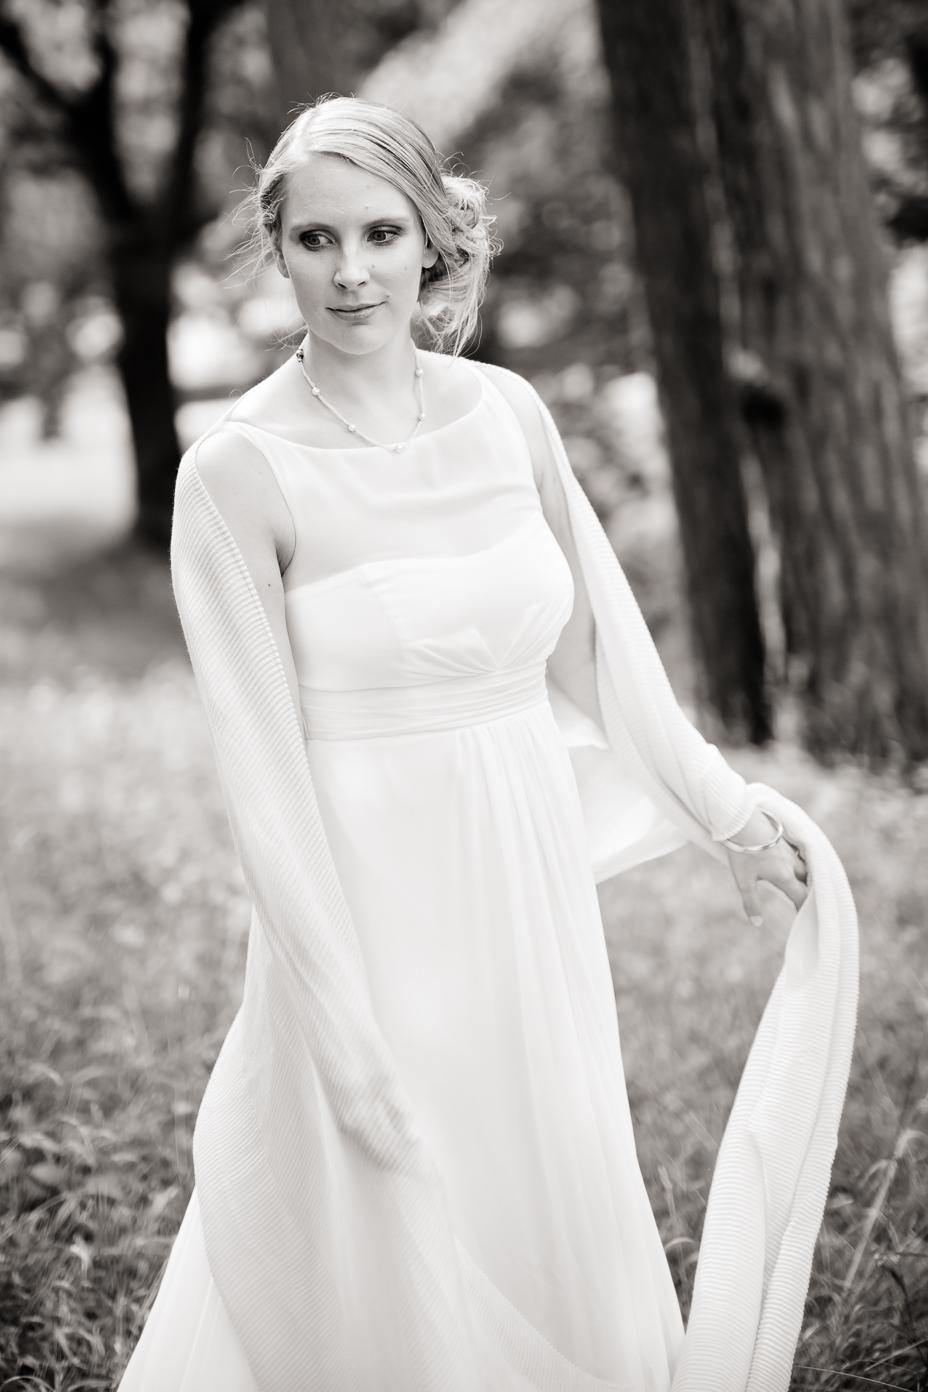 Hochzeitsfotografie-Kassel-Inka Englisch Photography-Schloss Wilhelmstal-Calden-2015_40